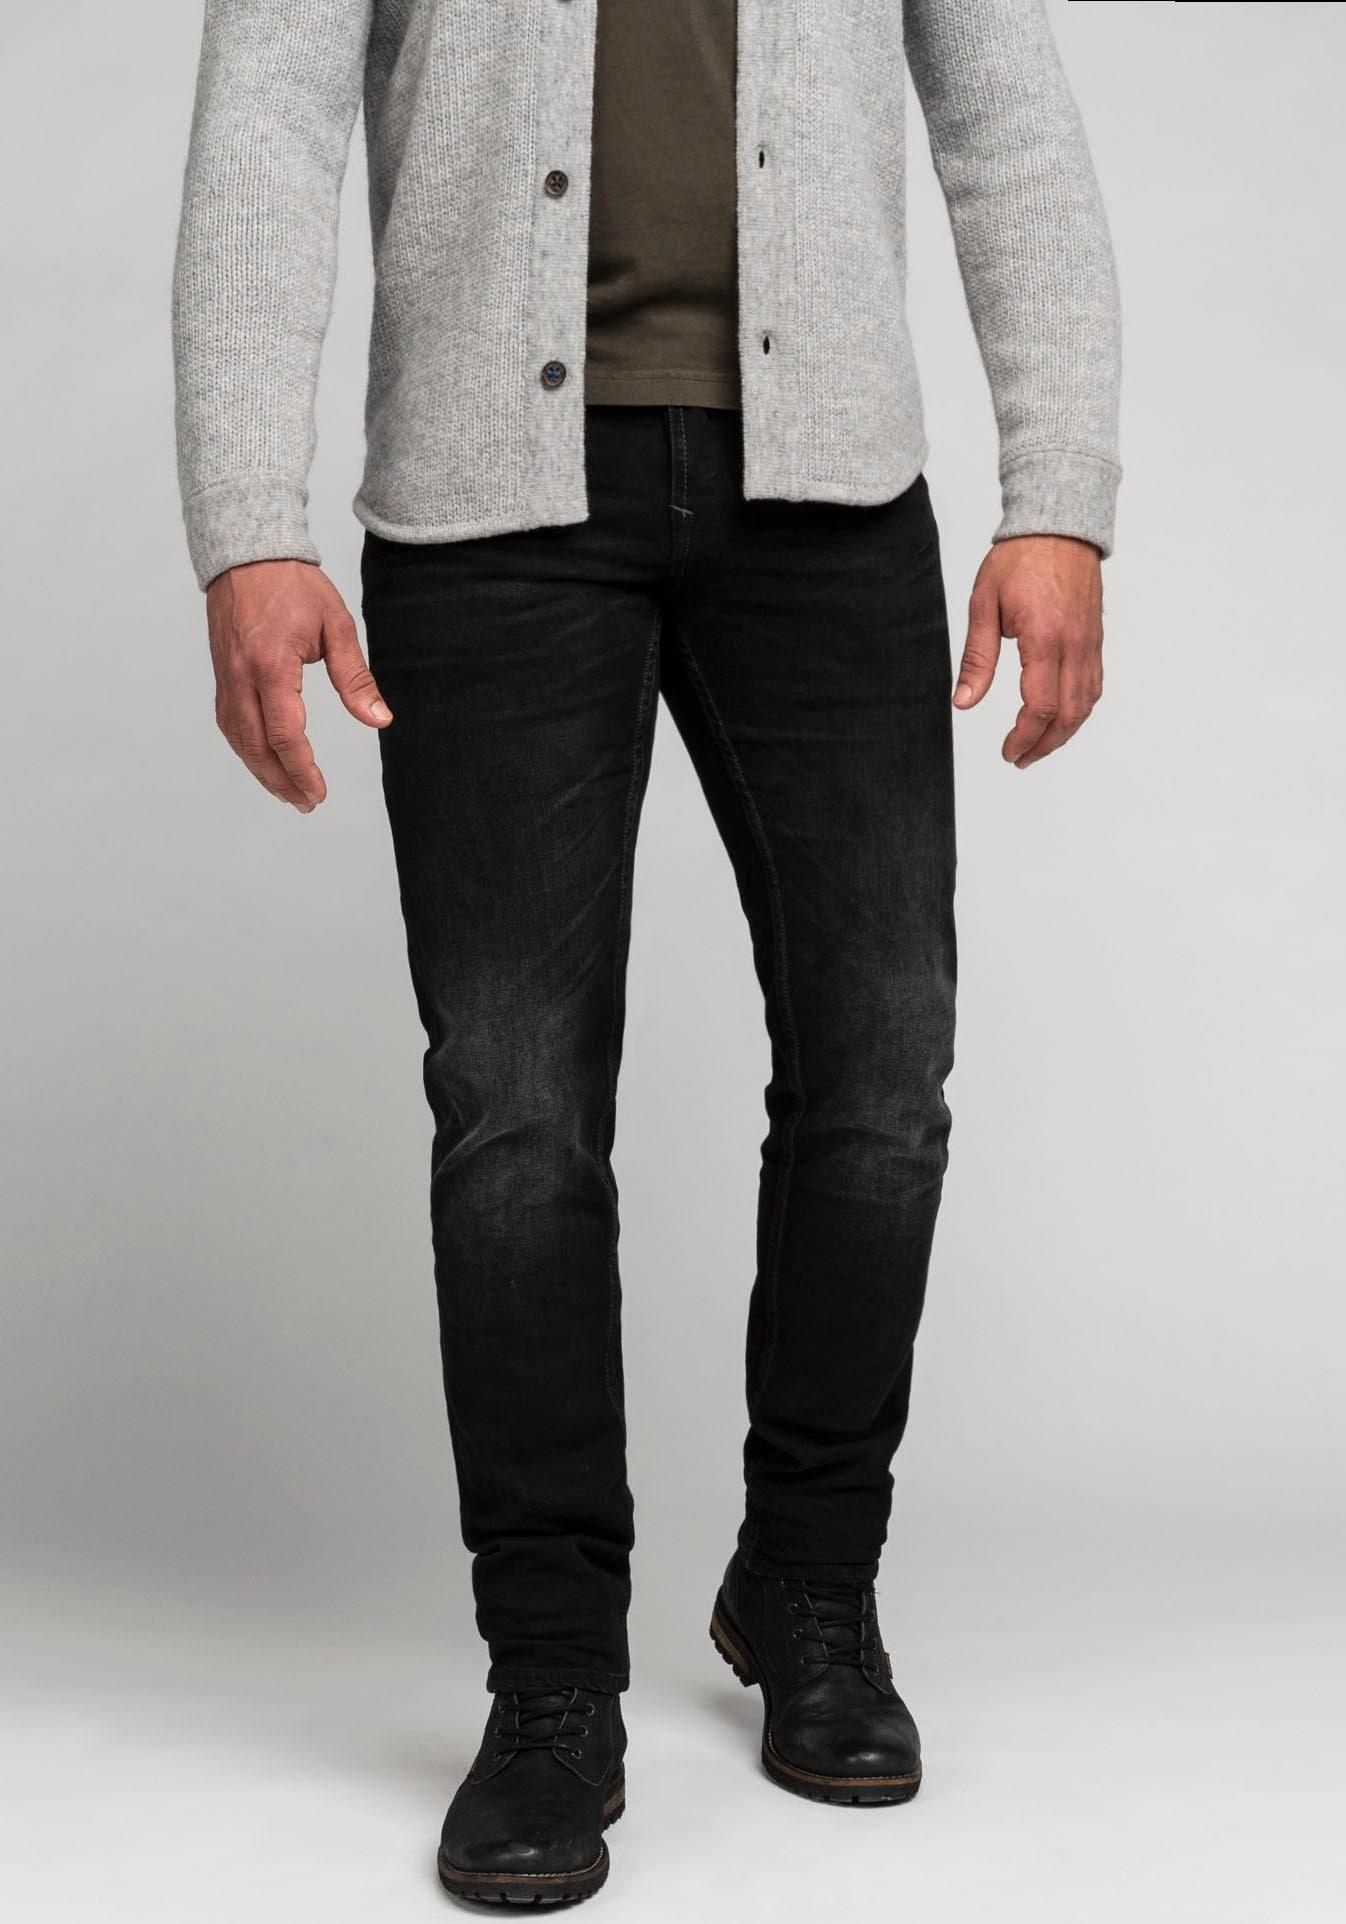 pme legend -  5-Pocket-Jeans SKYHAWK, in authentischer Waschung